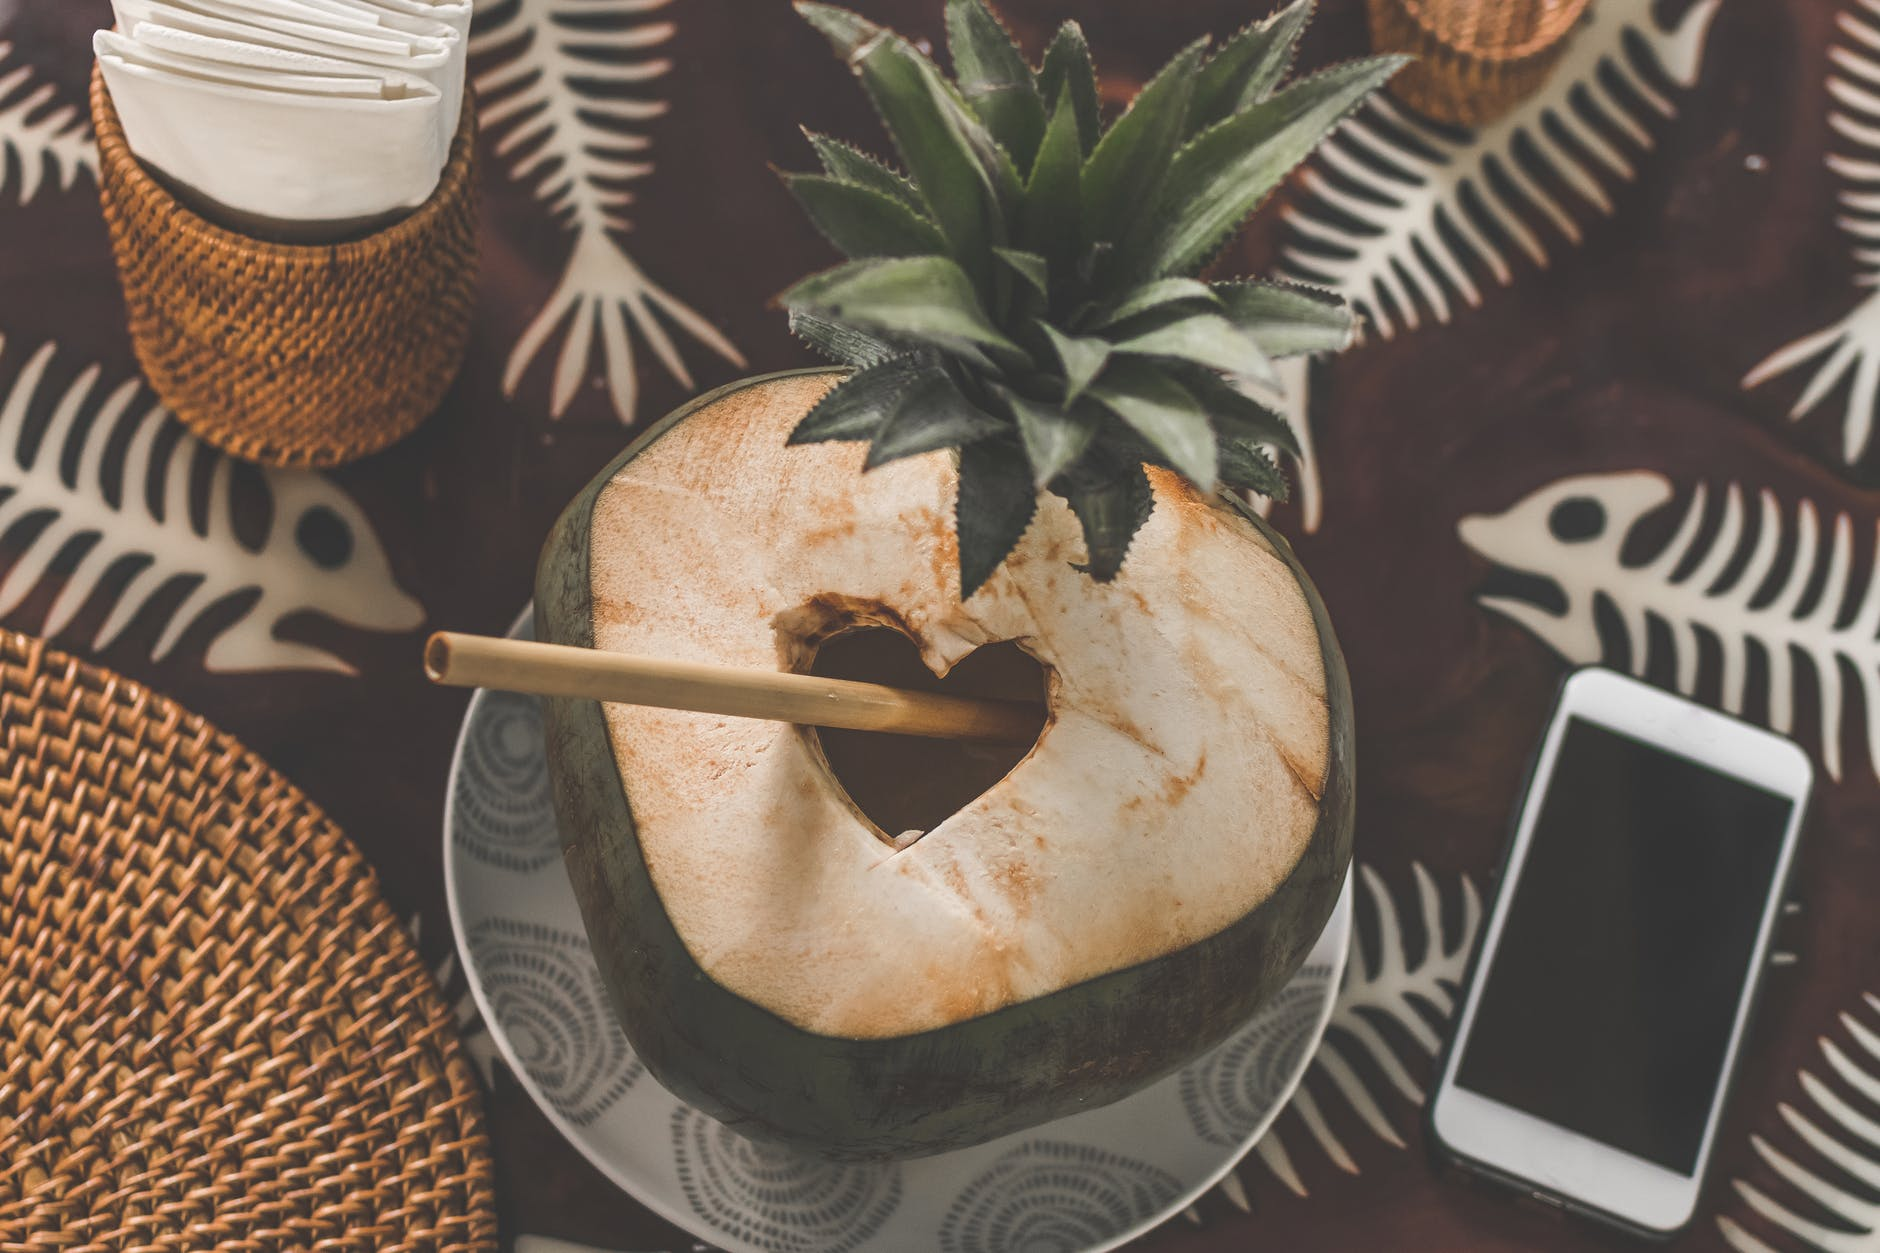 Cách giải rượu-Trái dừa tỉa hình trái tim.